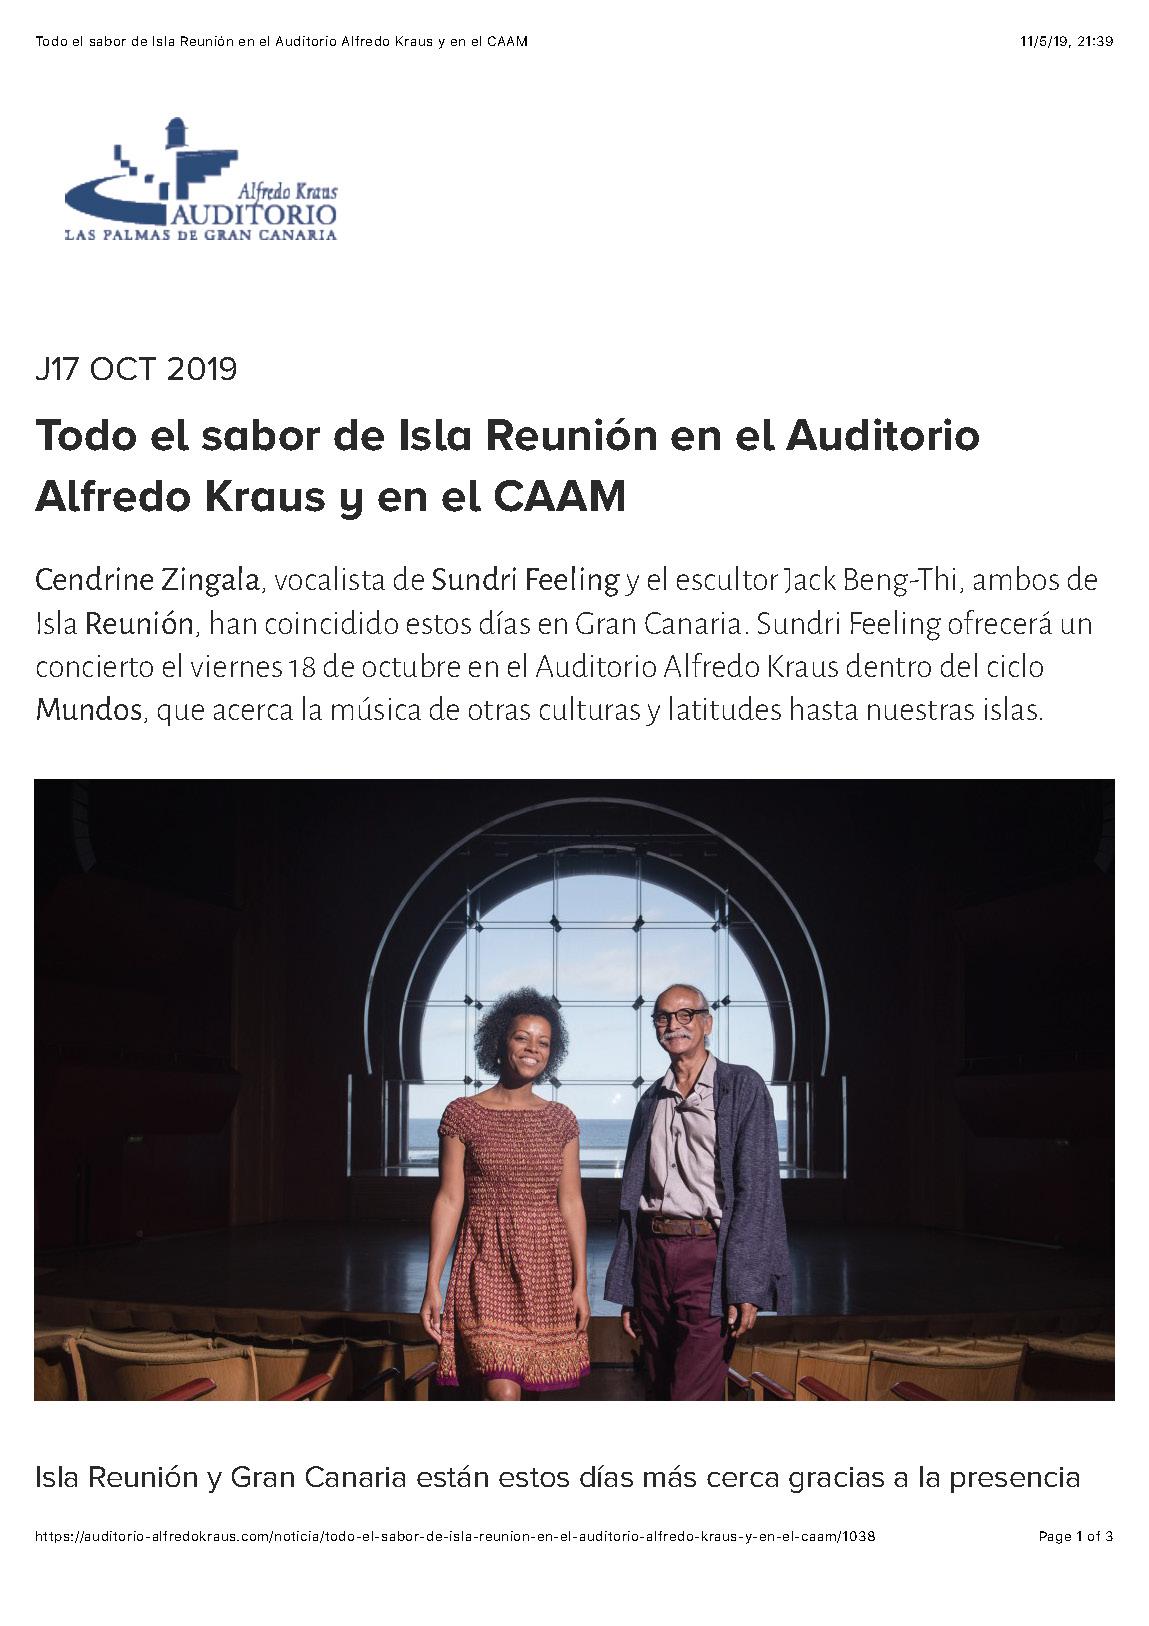 2019_10_Todo_el_sabor_de_Isla_Reunión_en